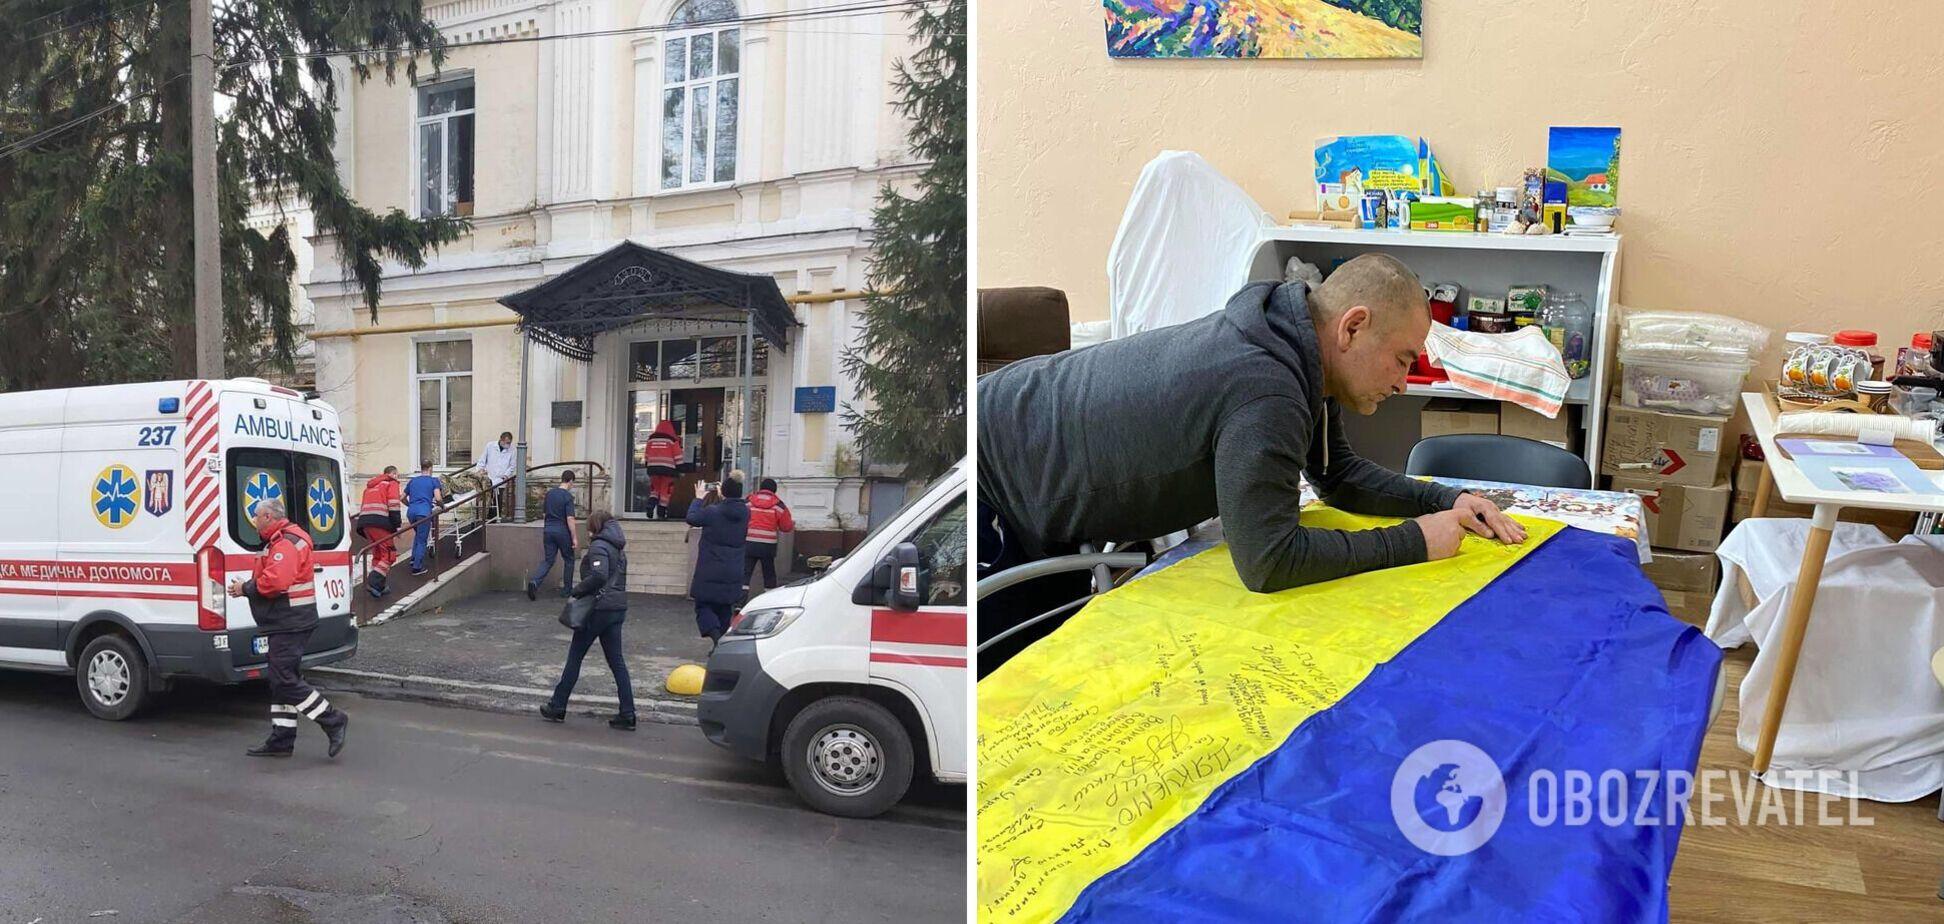 Волонтер – о тяжелейших ранениях бойцов в госпитале Киева: все точно как в 14 году, это перемирие?